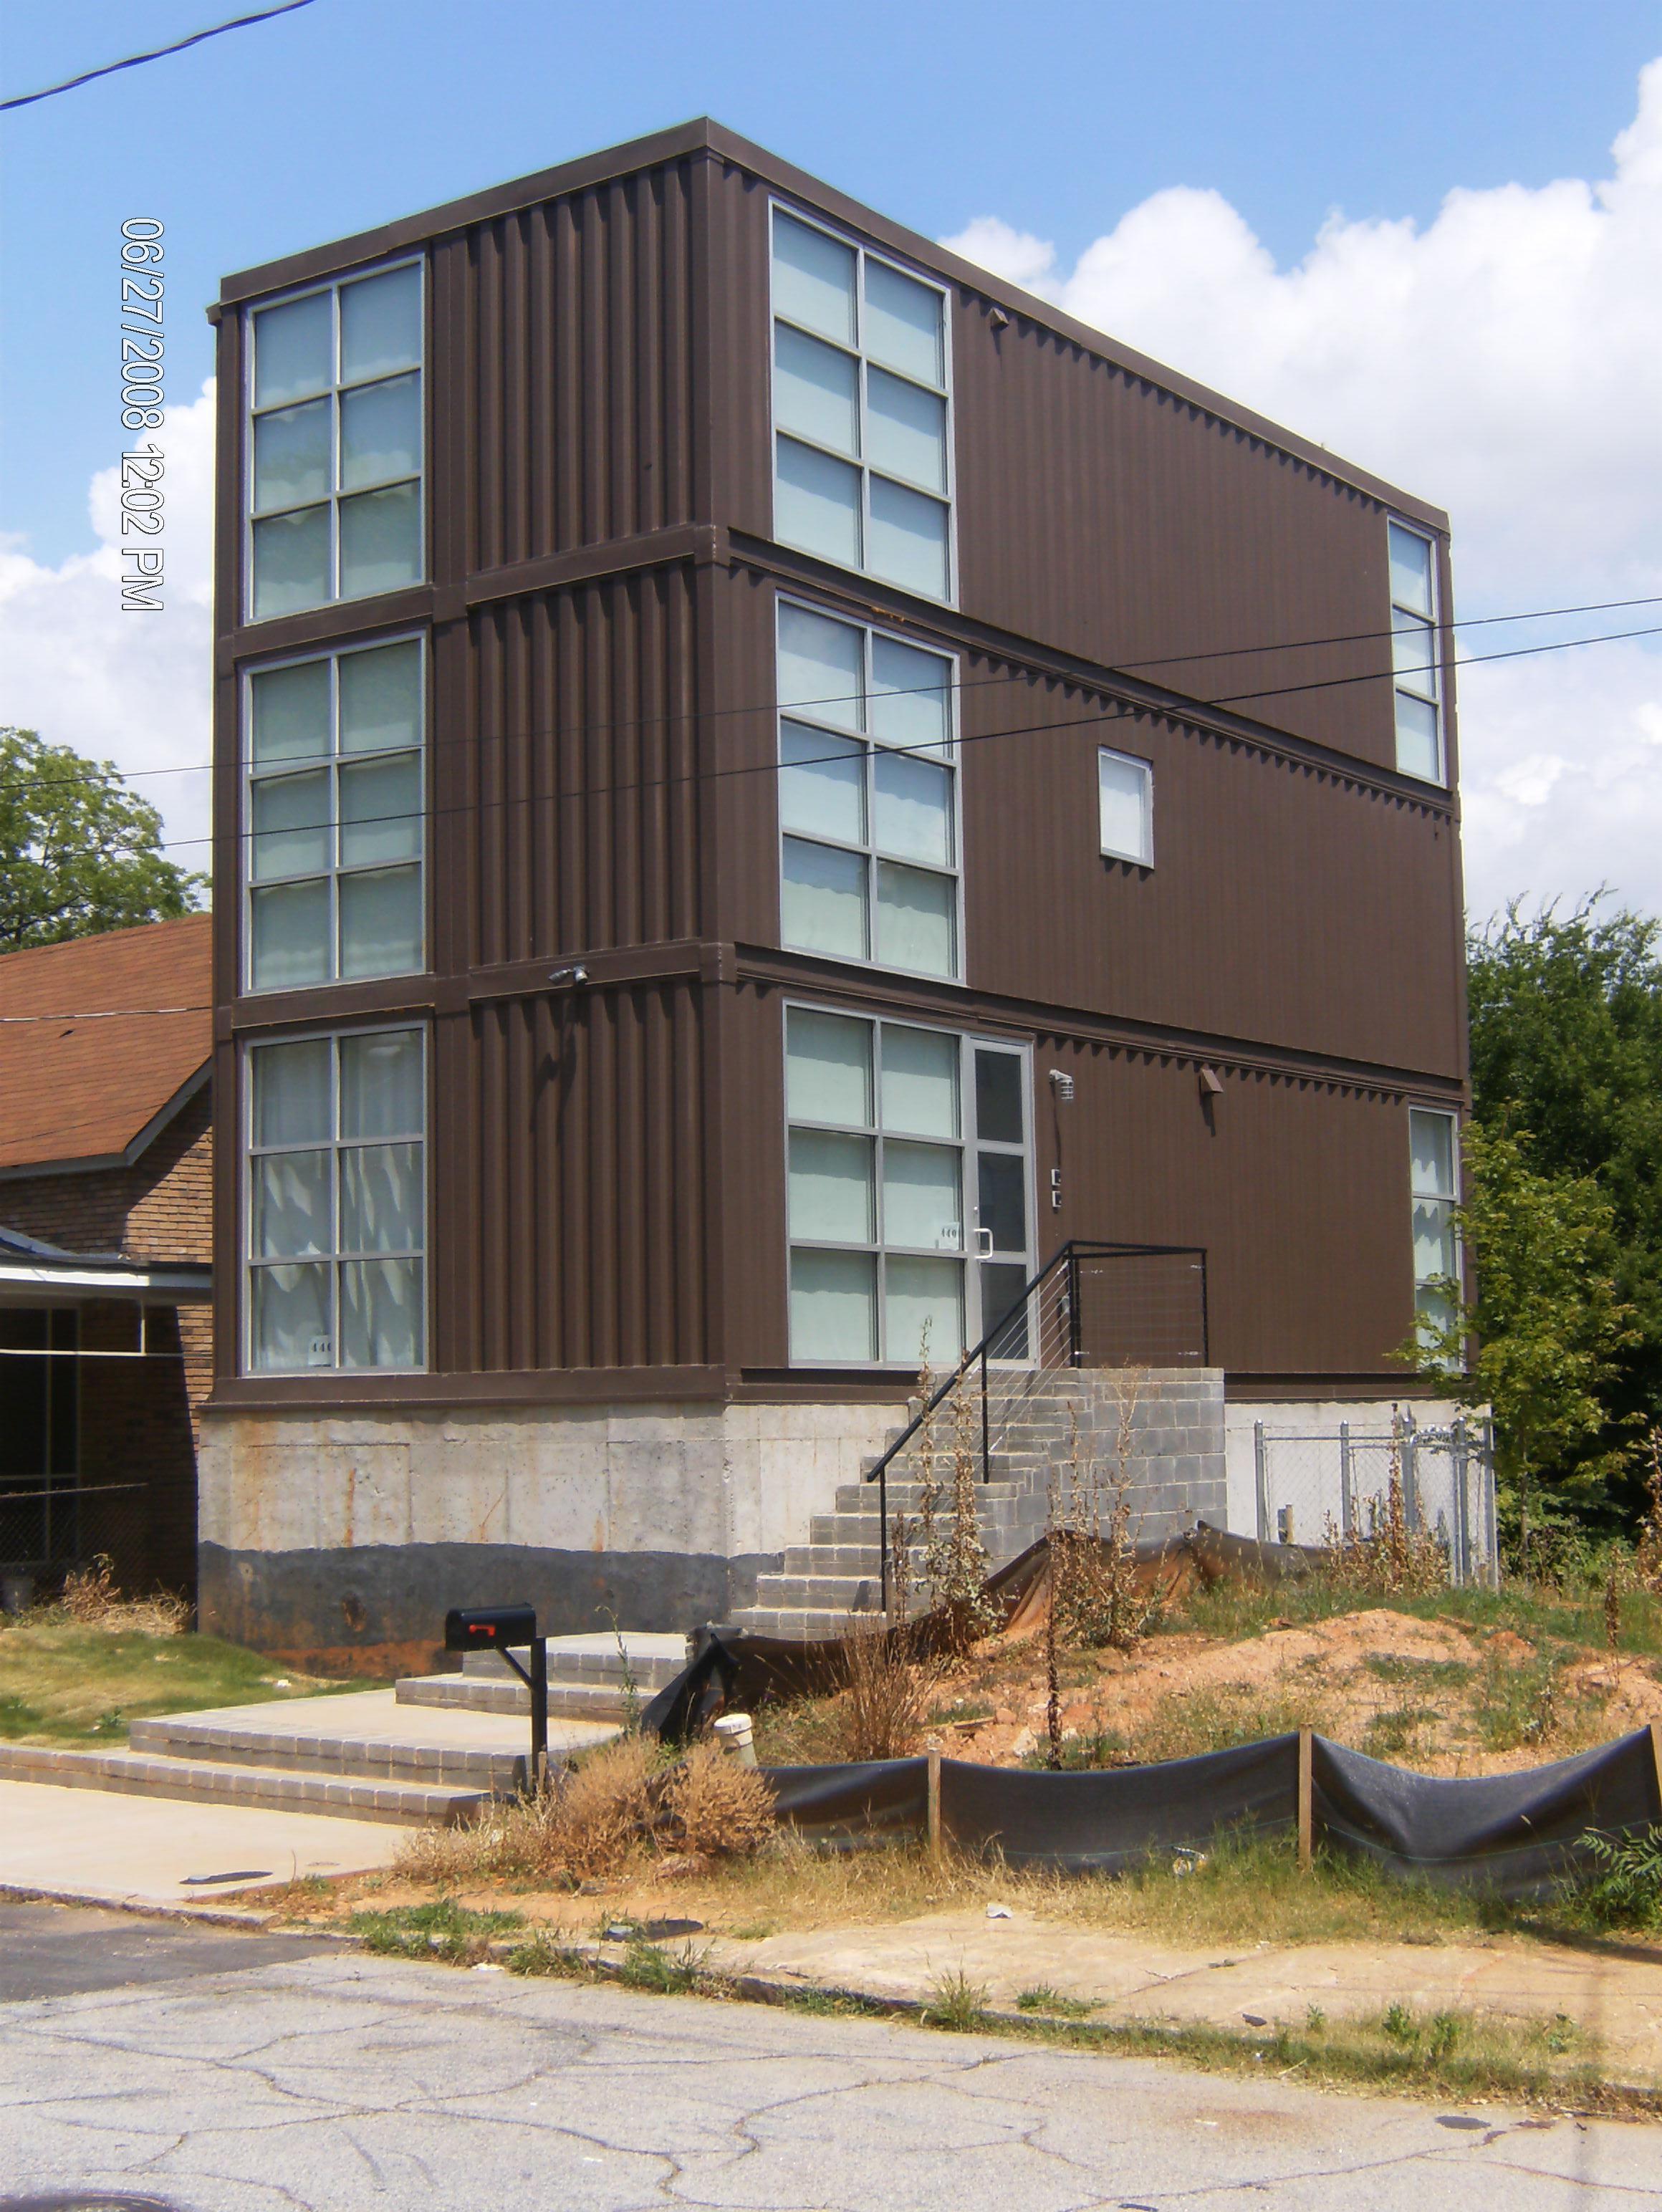 Les conteneurs comme habitat conteneurcontainer for Habitat container